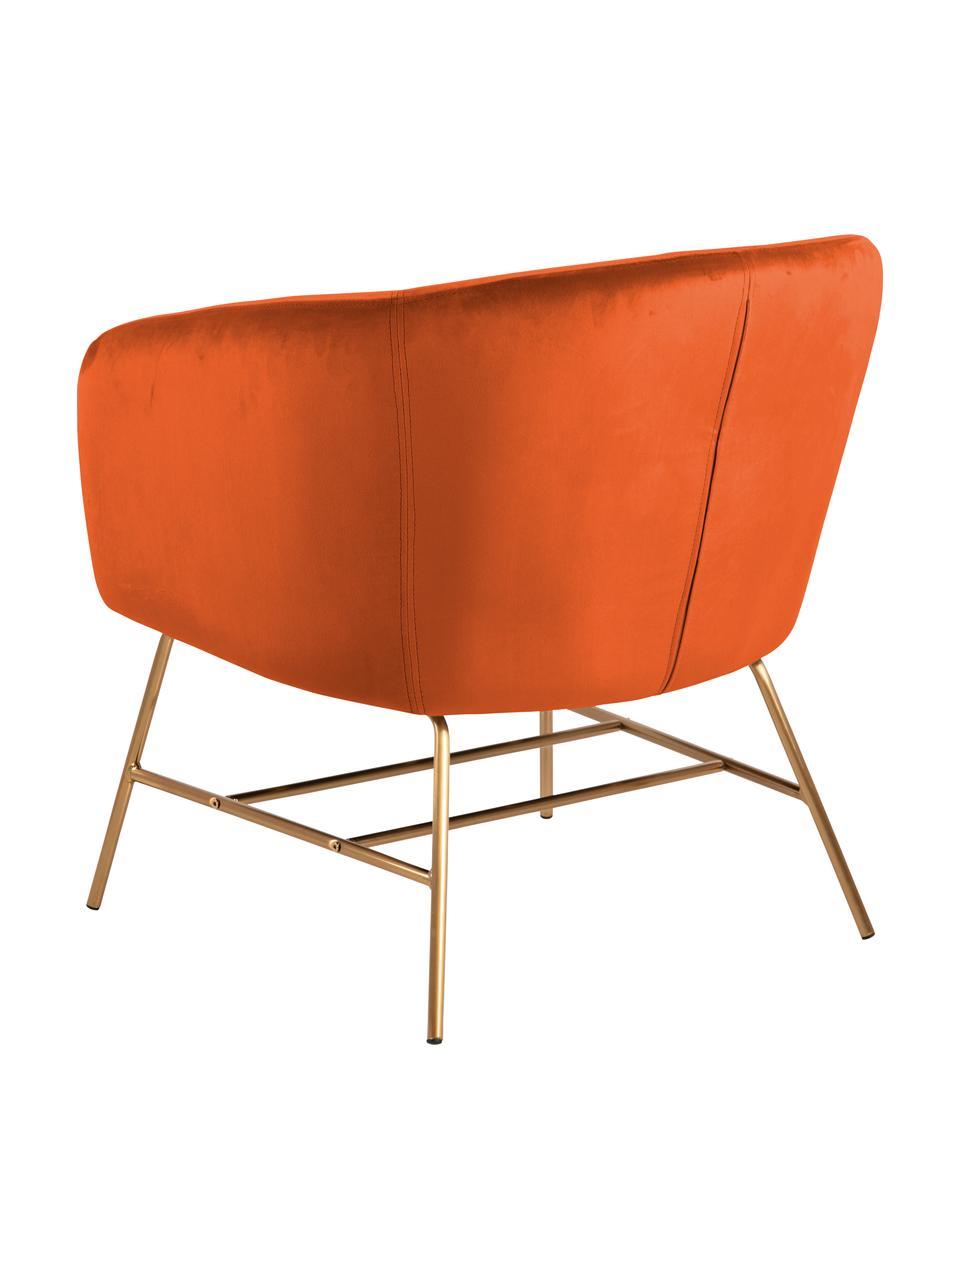 Moderner Samt-Cocktailsessel Ramsey in Kupferfarben, Bezug: Polyestersamt Der hochwer, Beine: Metall, lackiert, Samt Kupferfarben, B 72 x T 67 cm